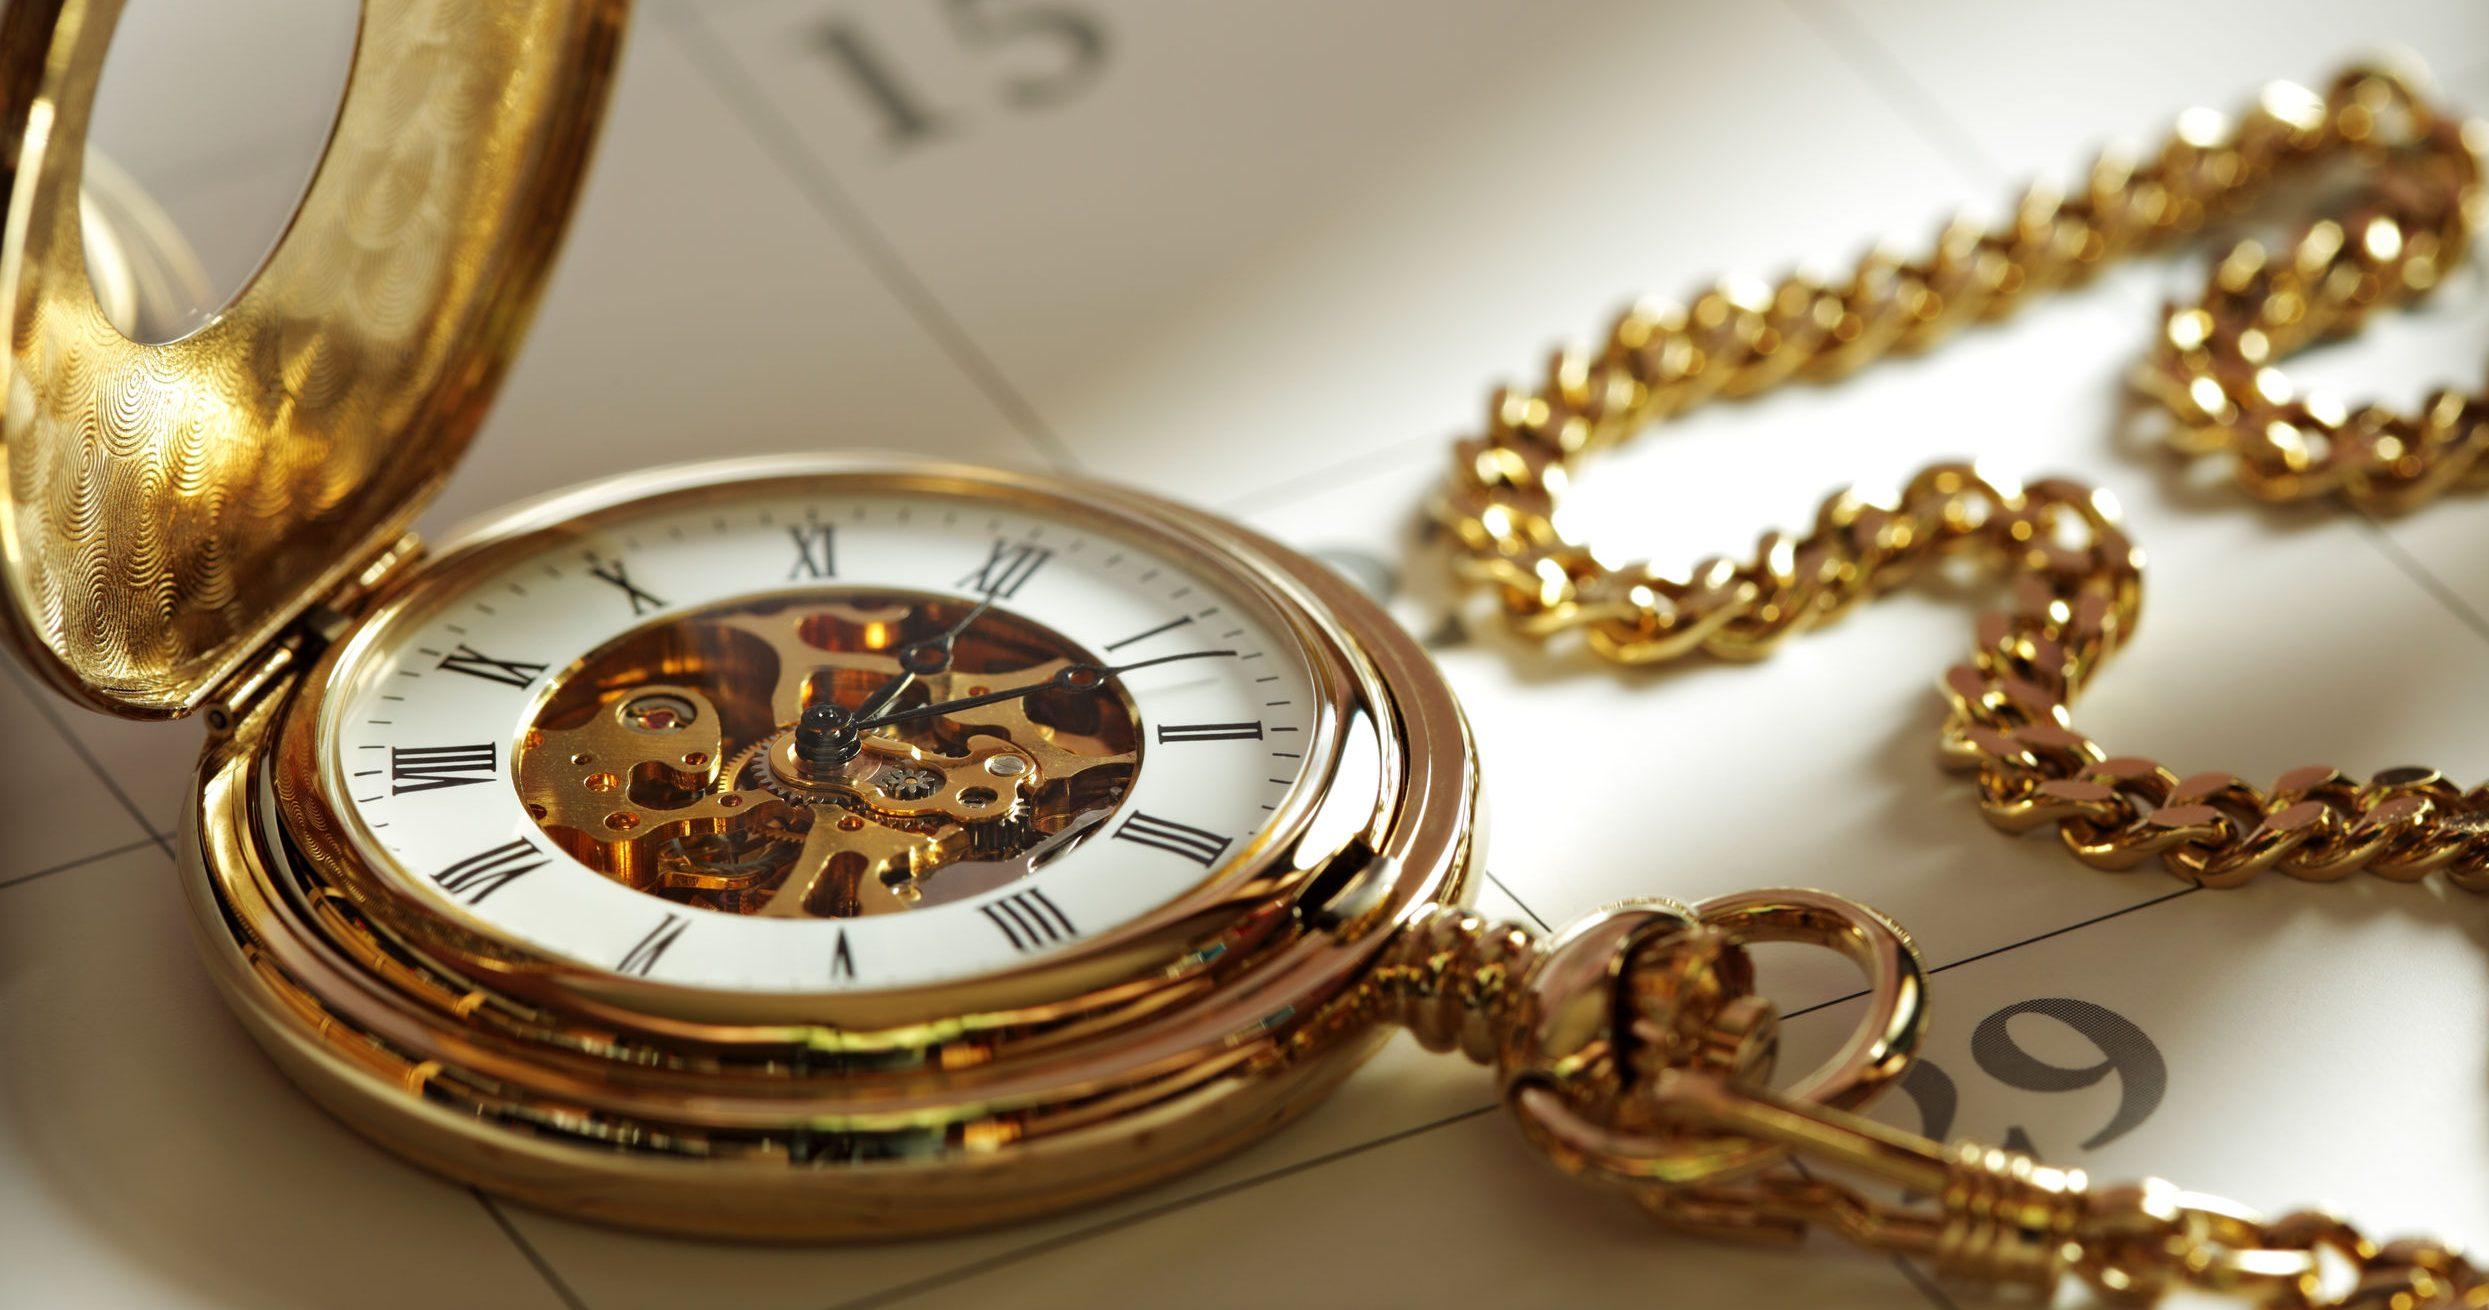 Relógio de bolso: Qual o melhor de 2020?